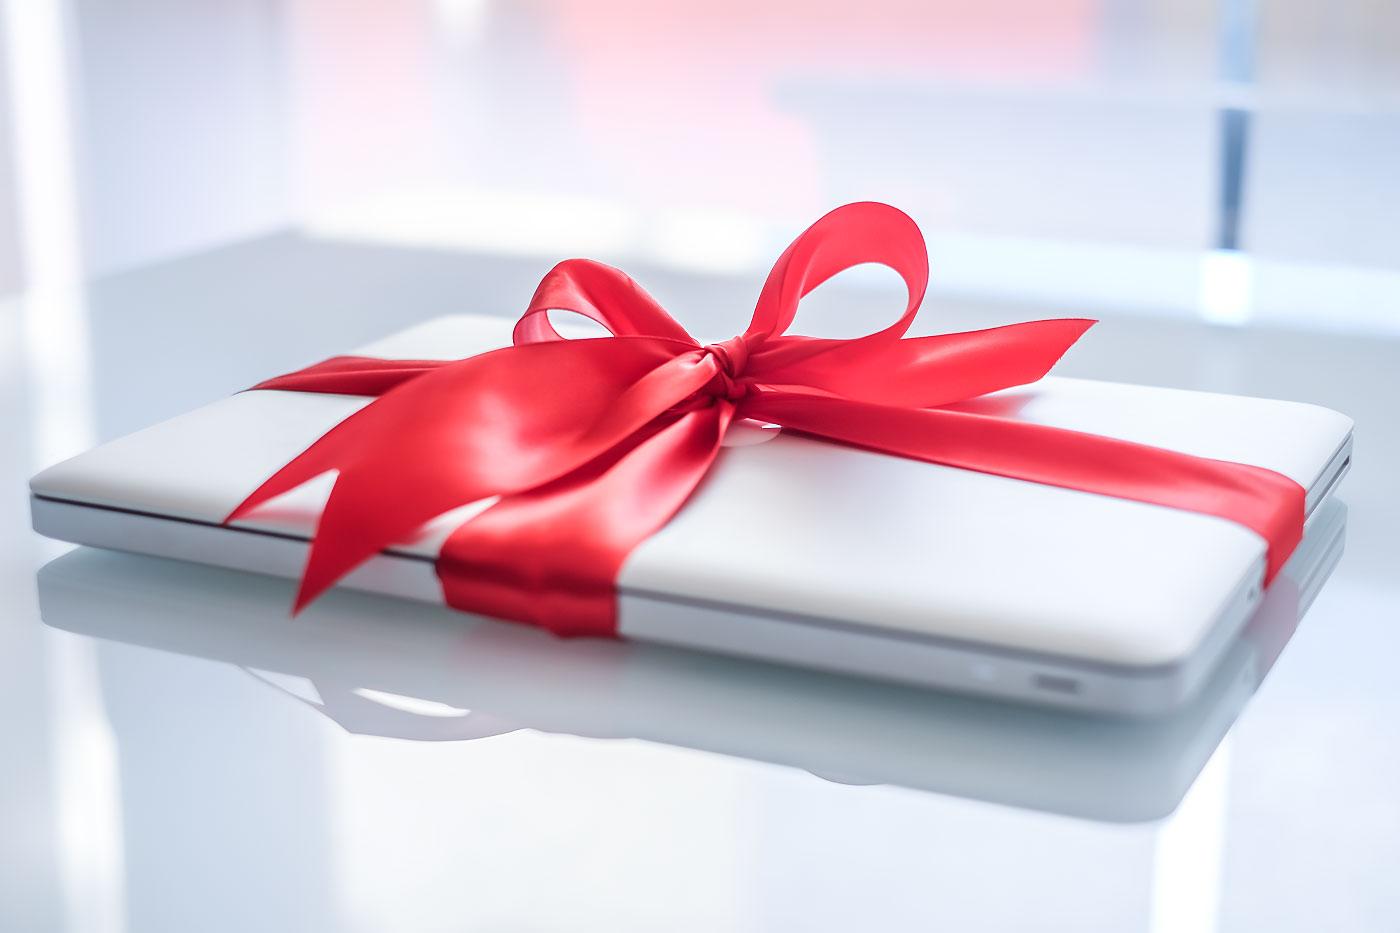 Už jsou mi dva amám pro vás dárek!